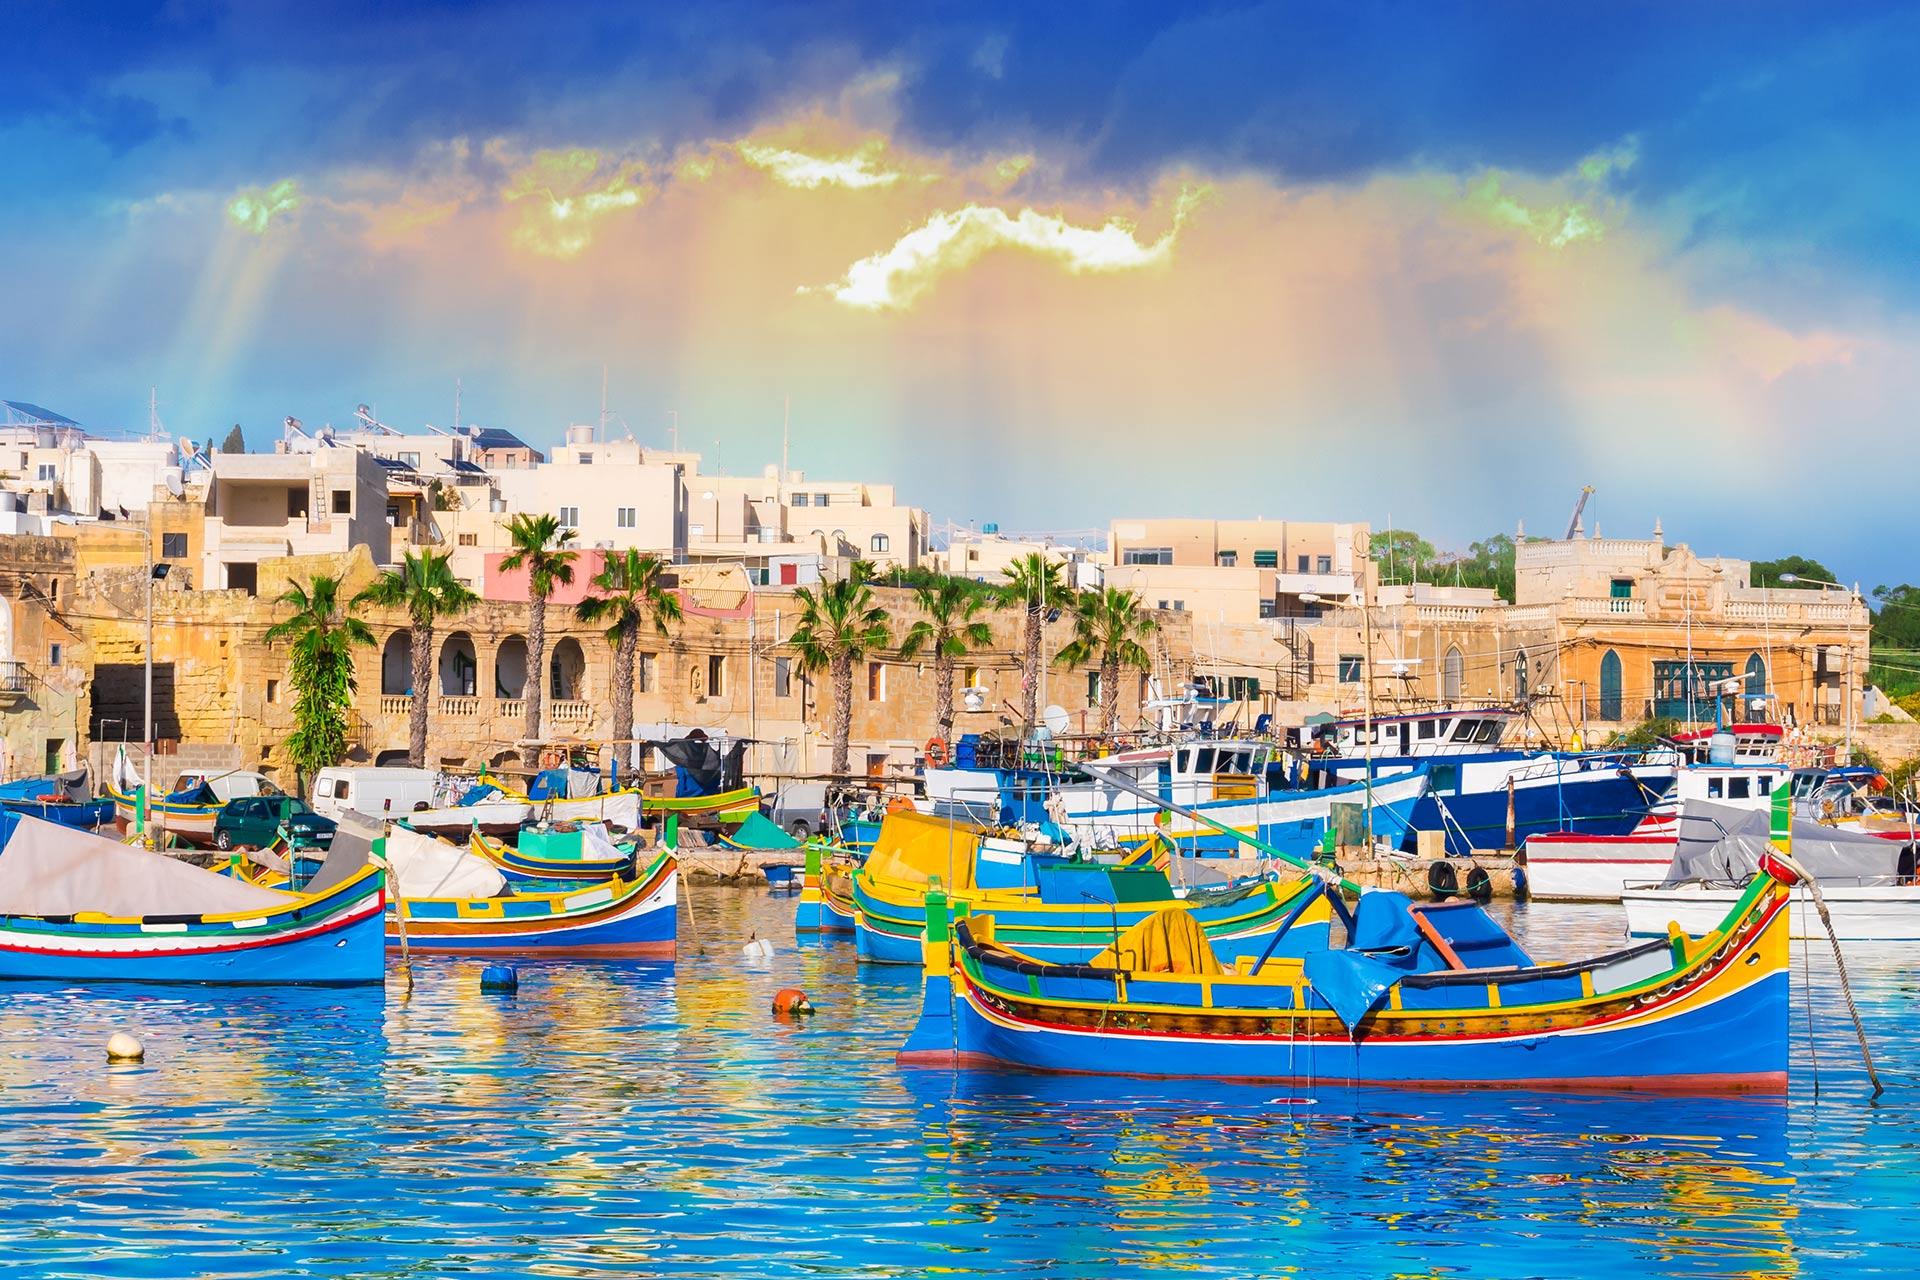 Marsaxlokk Village Harbor of Malta